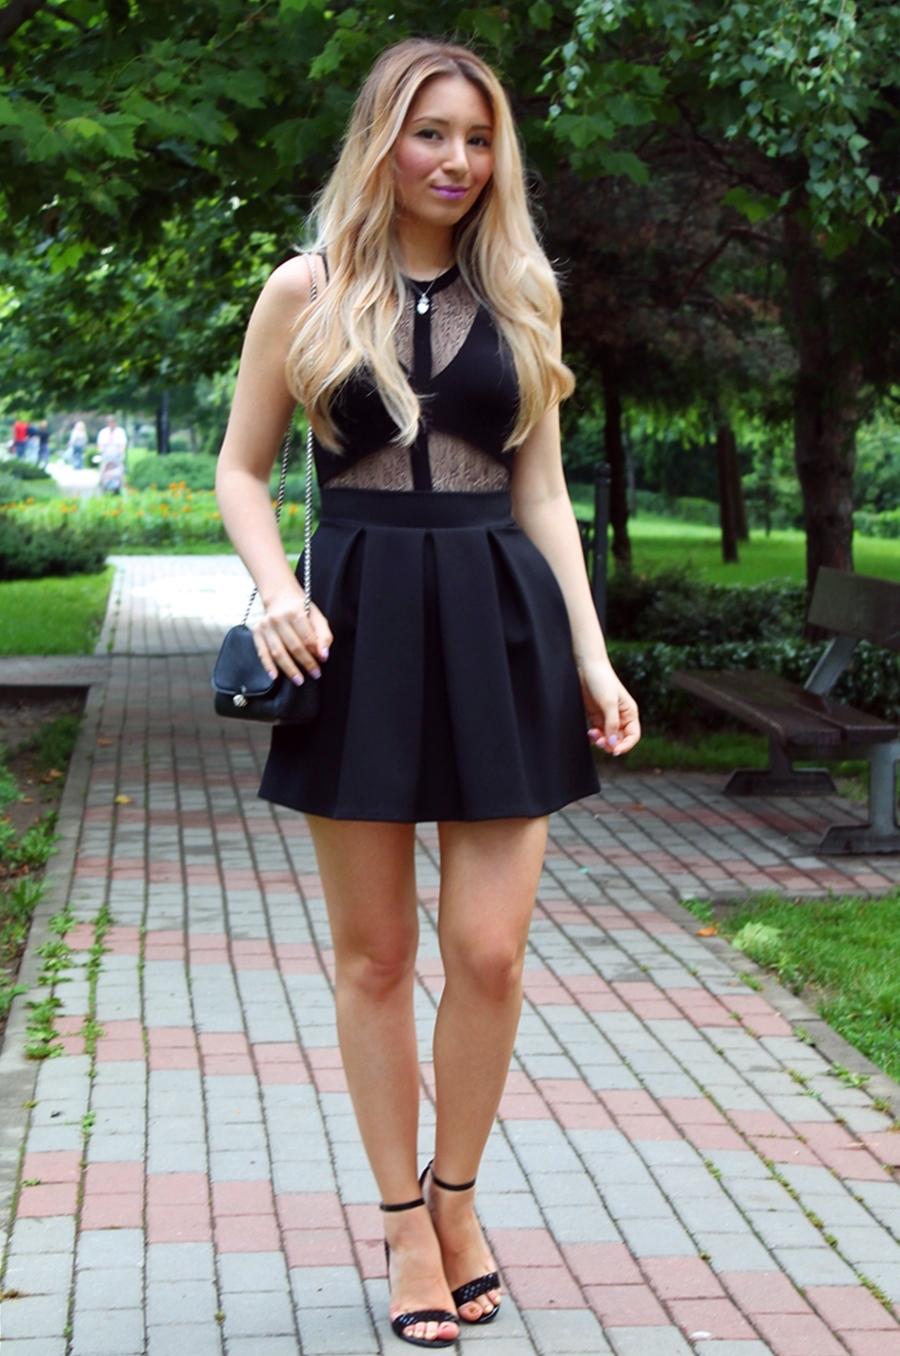 Tinuta de zi eleganta - rochie neagra scurta